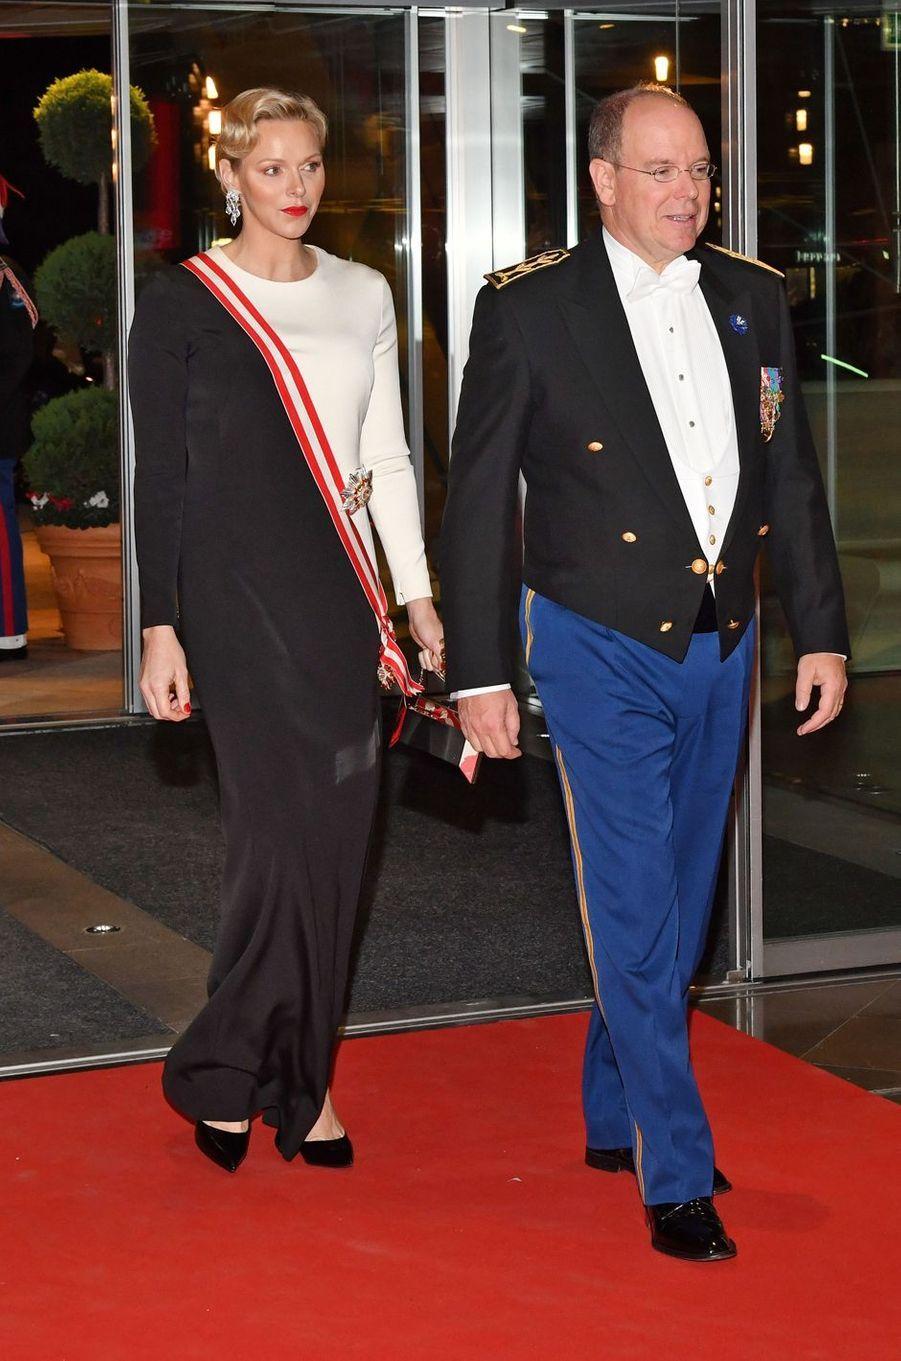 La princesse Charlène et le prince Albert II de Monaco, au Forum Grimaldi à Monaco le 19 novembre 2018